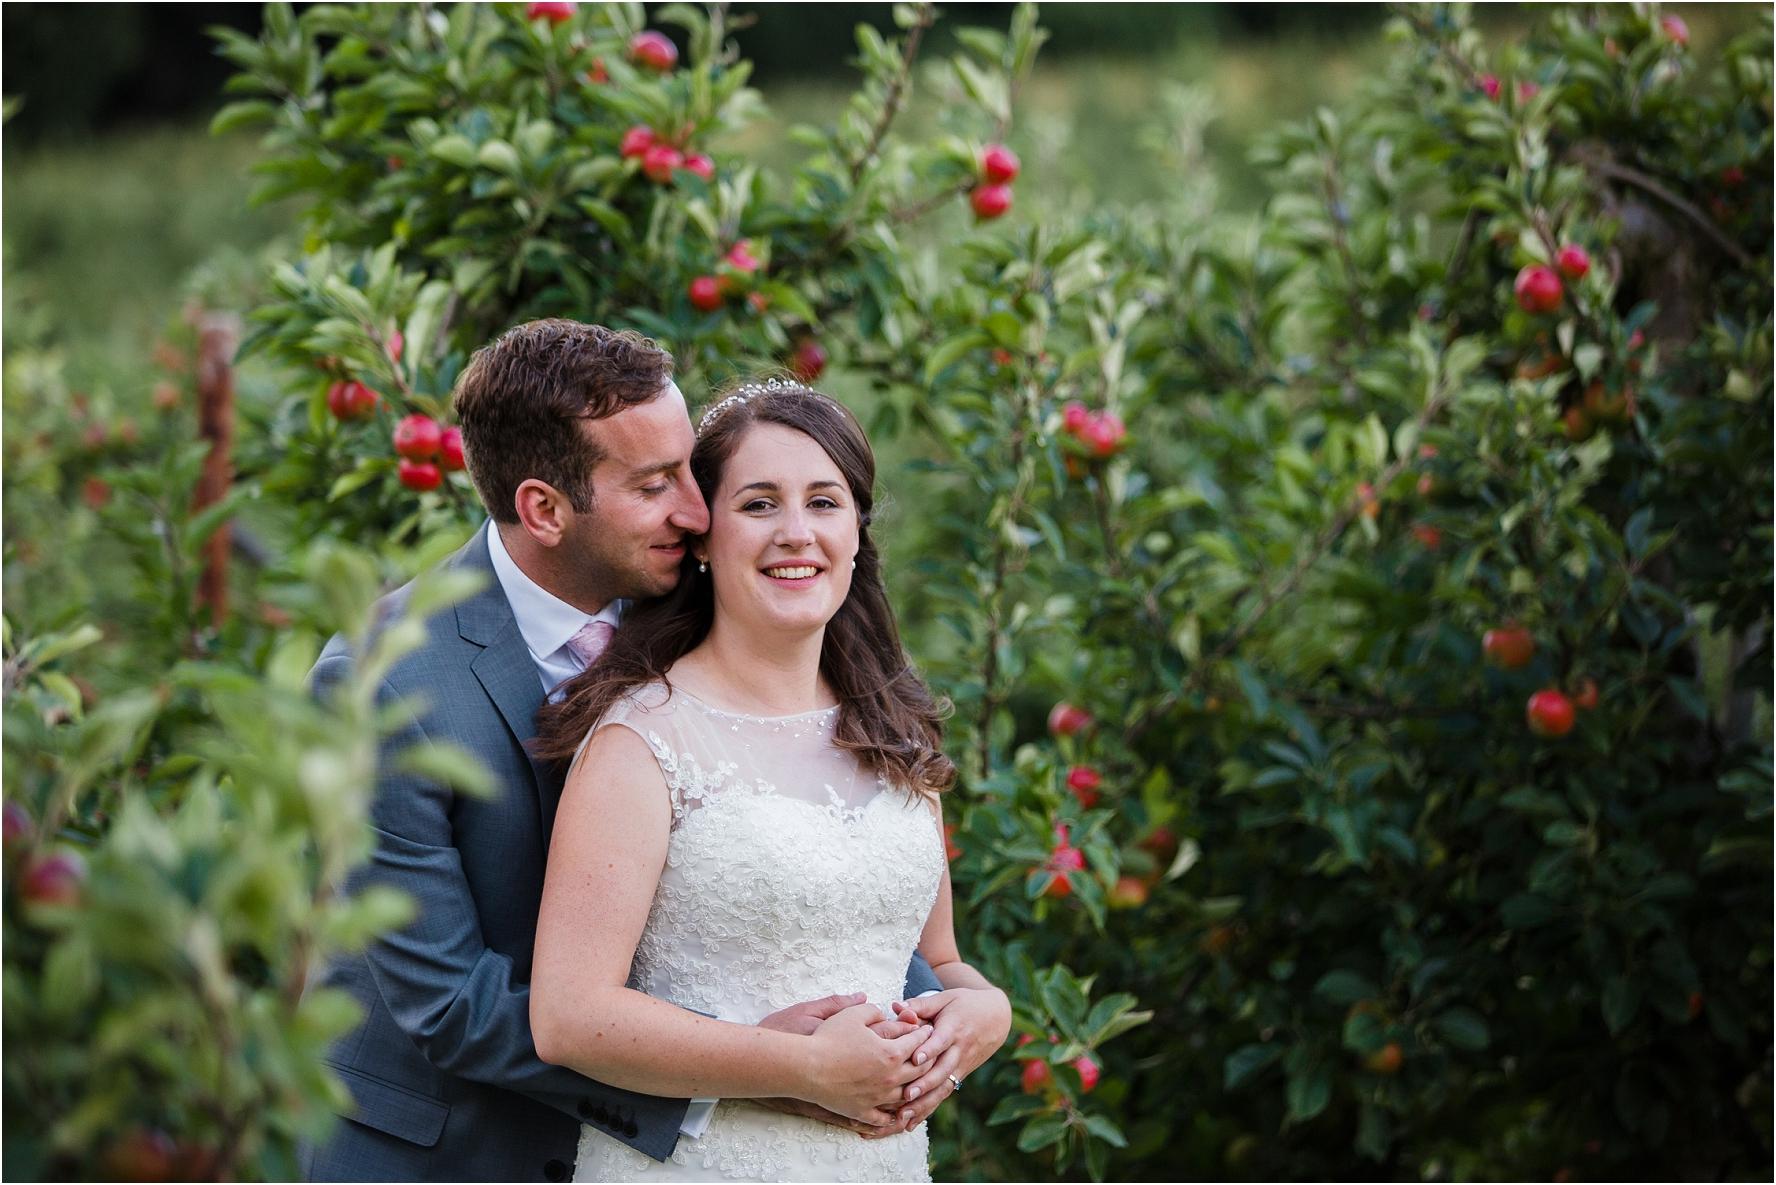 wedding-photography-norwood-park_0072